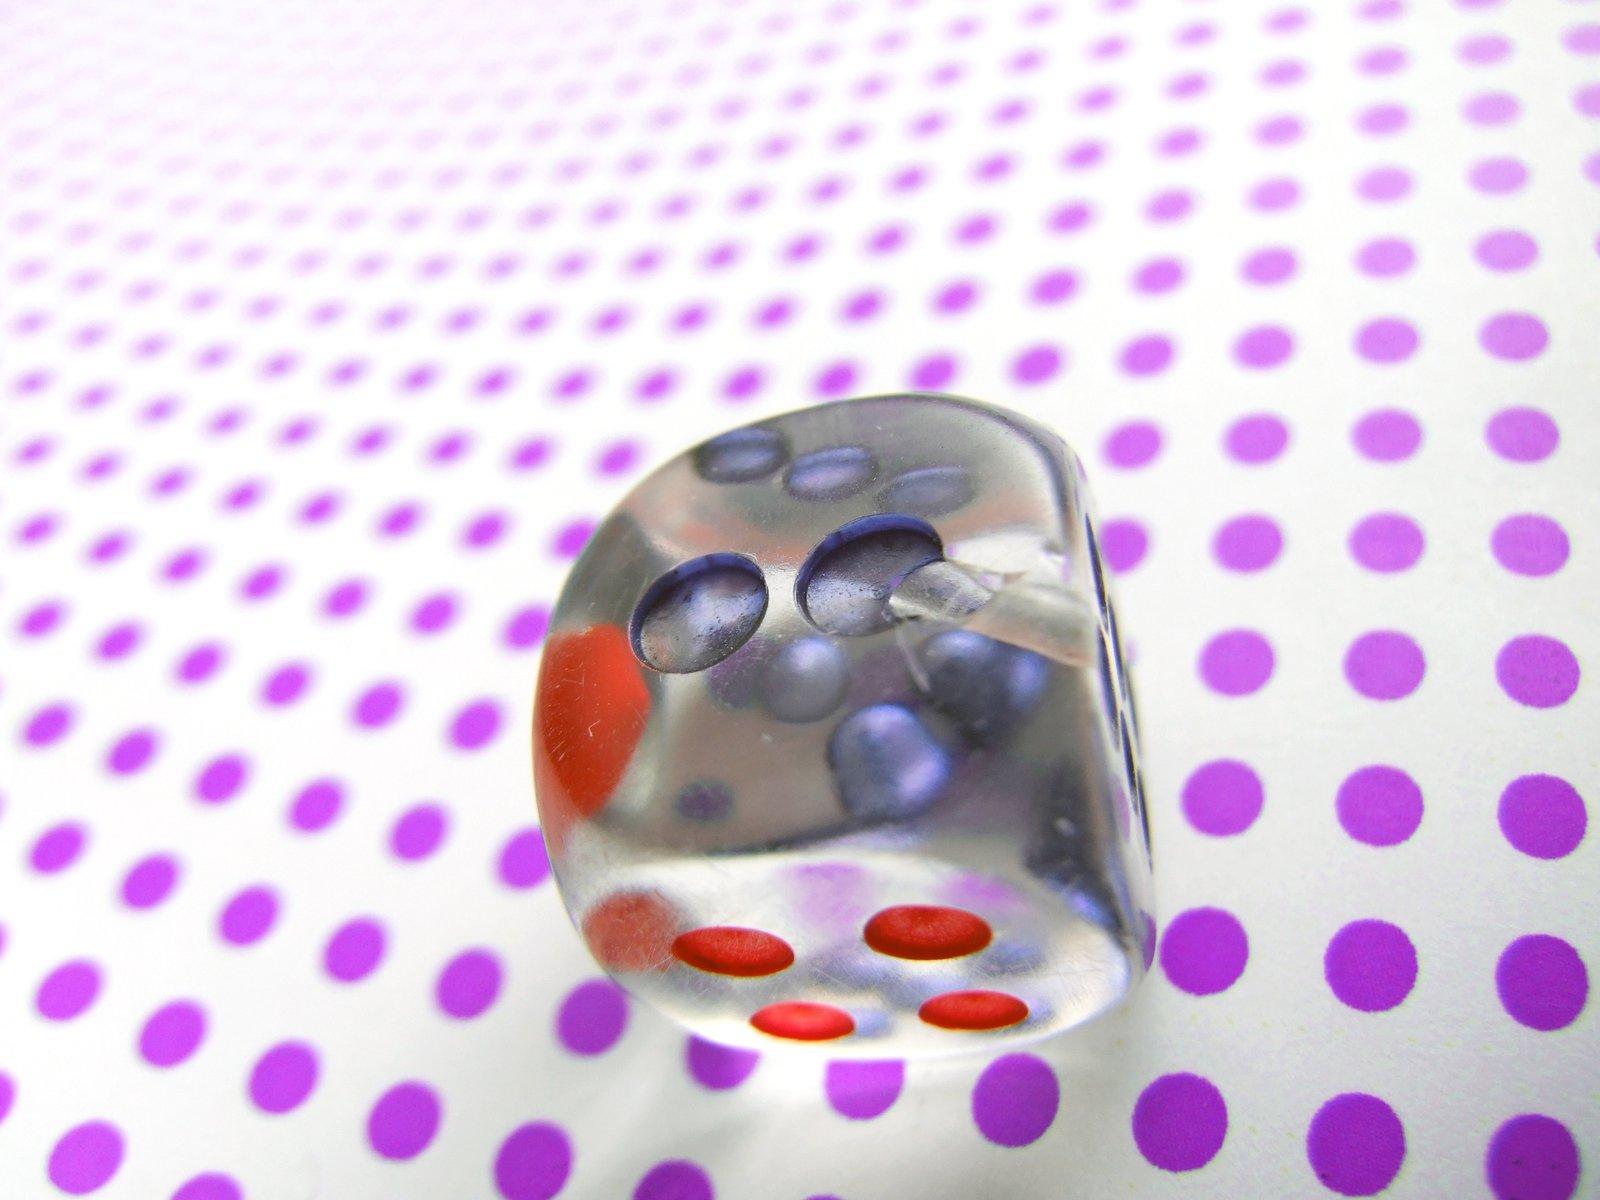 Some gambling dice